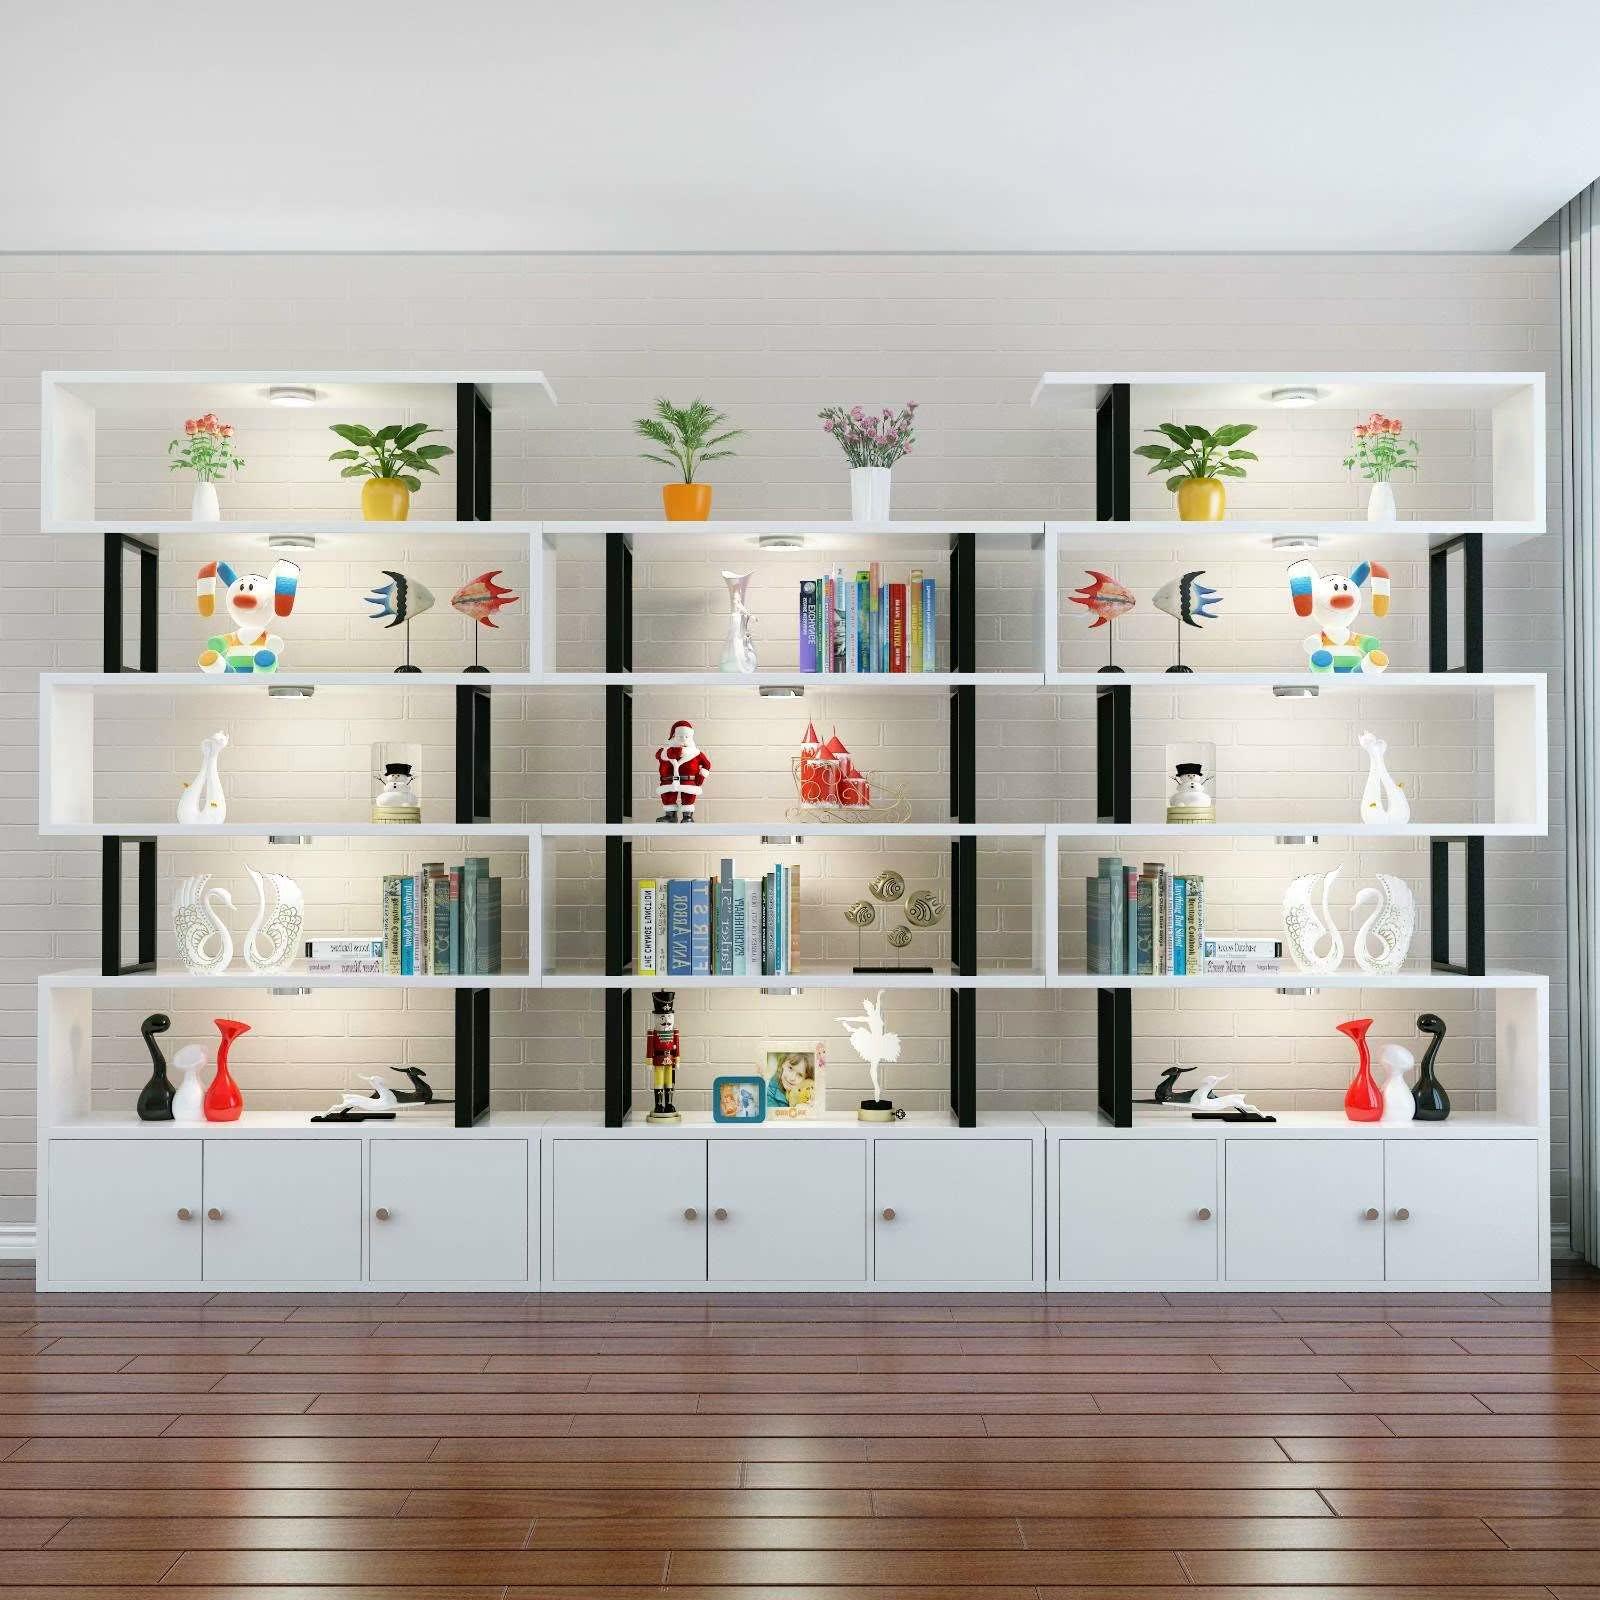 全玻璃柜产品柜迷你展架展示柜小型框架柜精品展品柜陈列柜饰品柜